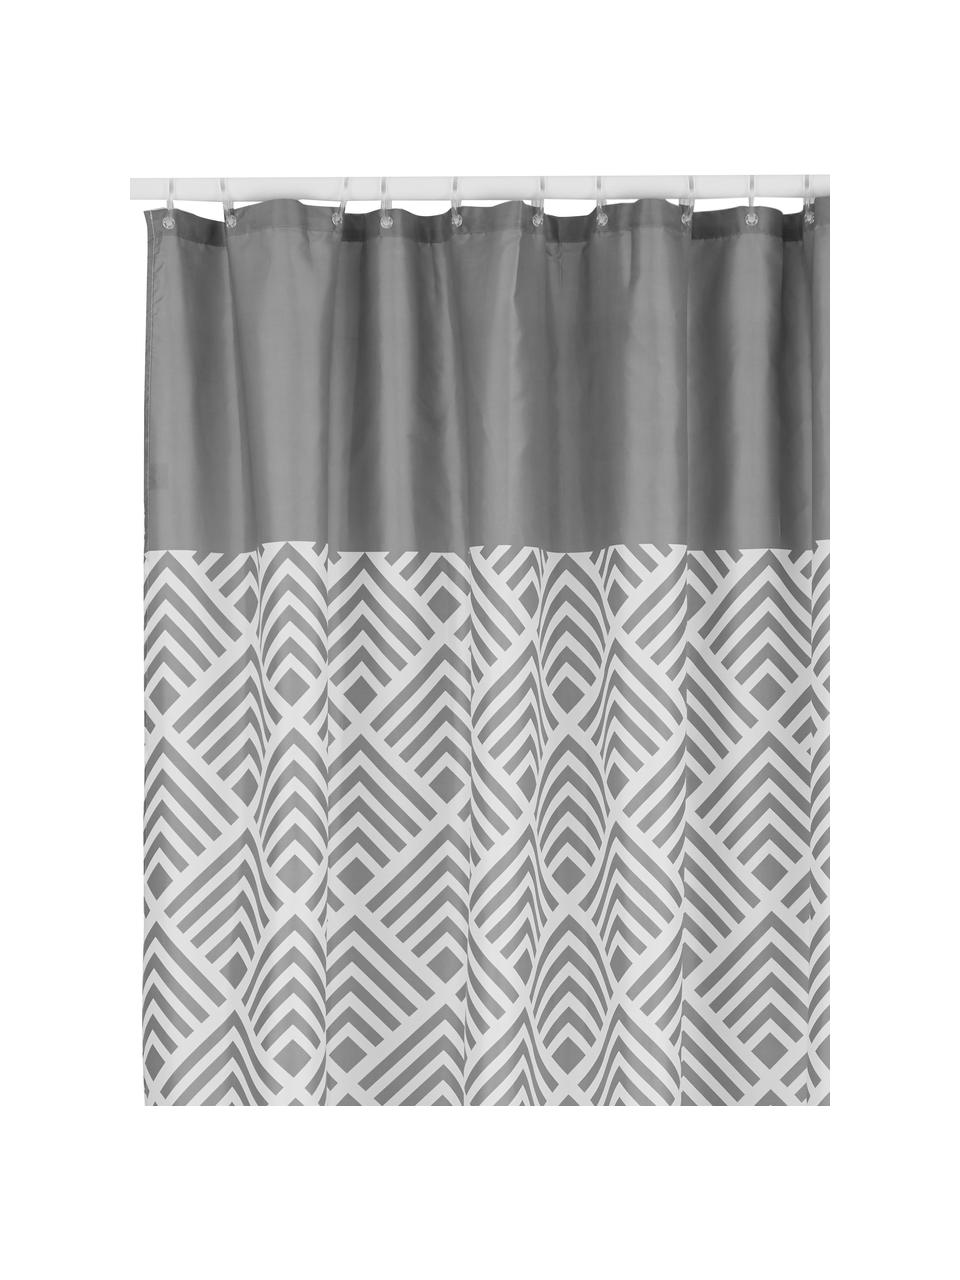 Gemusterter Duschvorhang Allie, Grau, Weiß, 180 x 200 cm